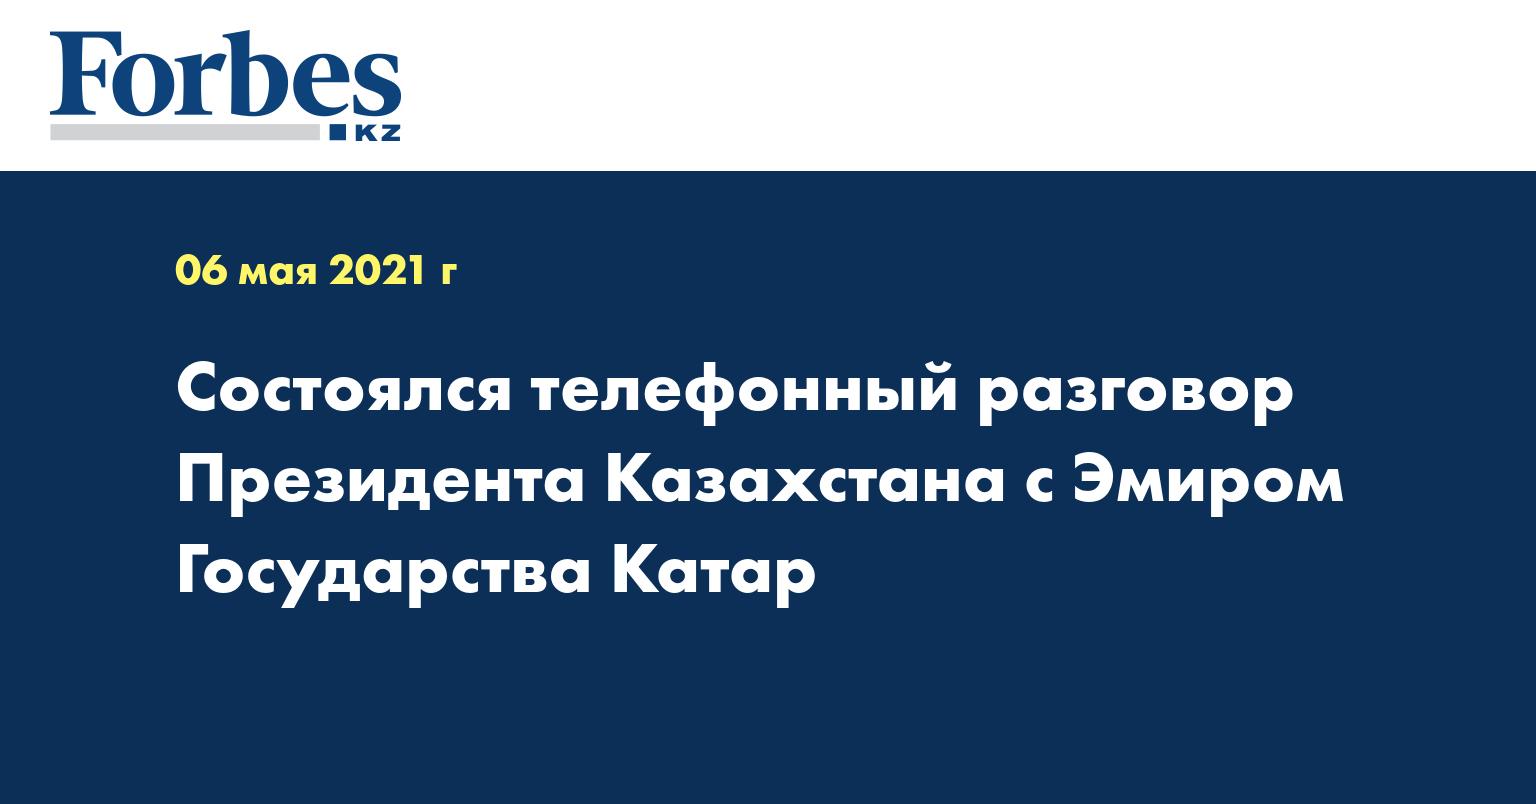 Состоялся телефонный разговор Президента Казахстана с Эмиром Государства Катар